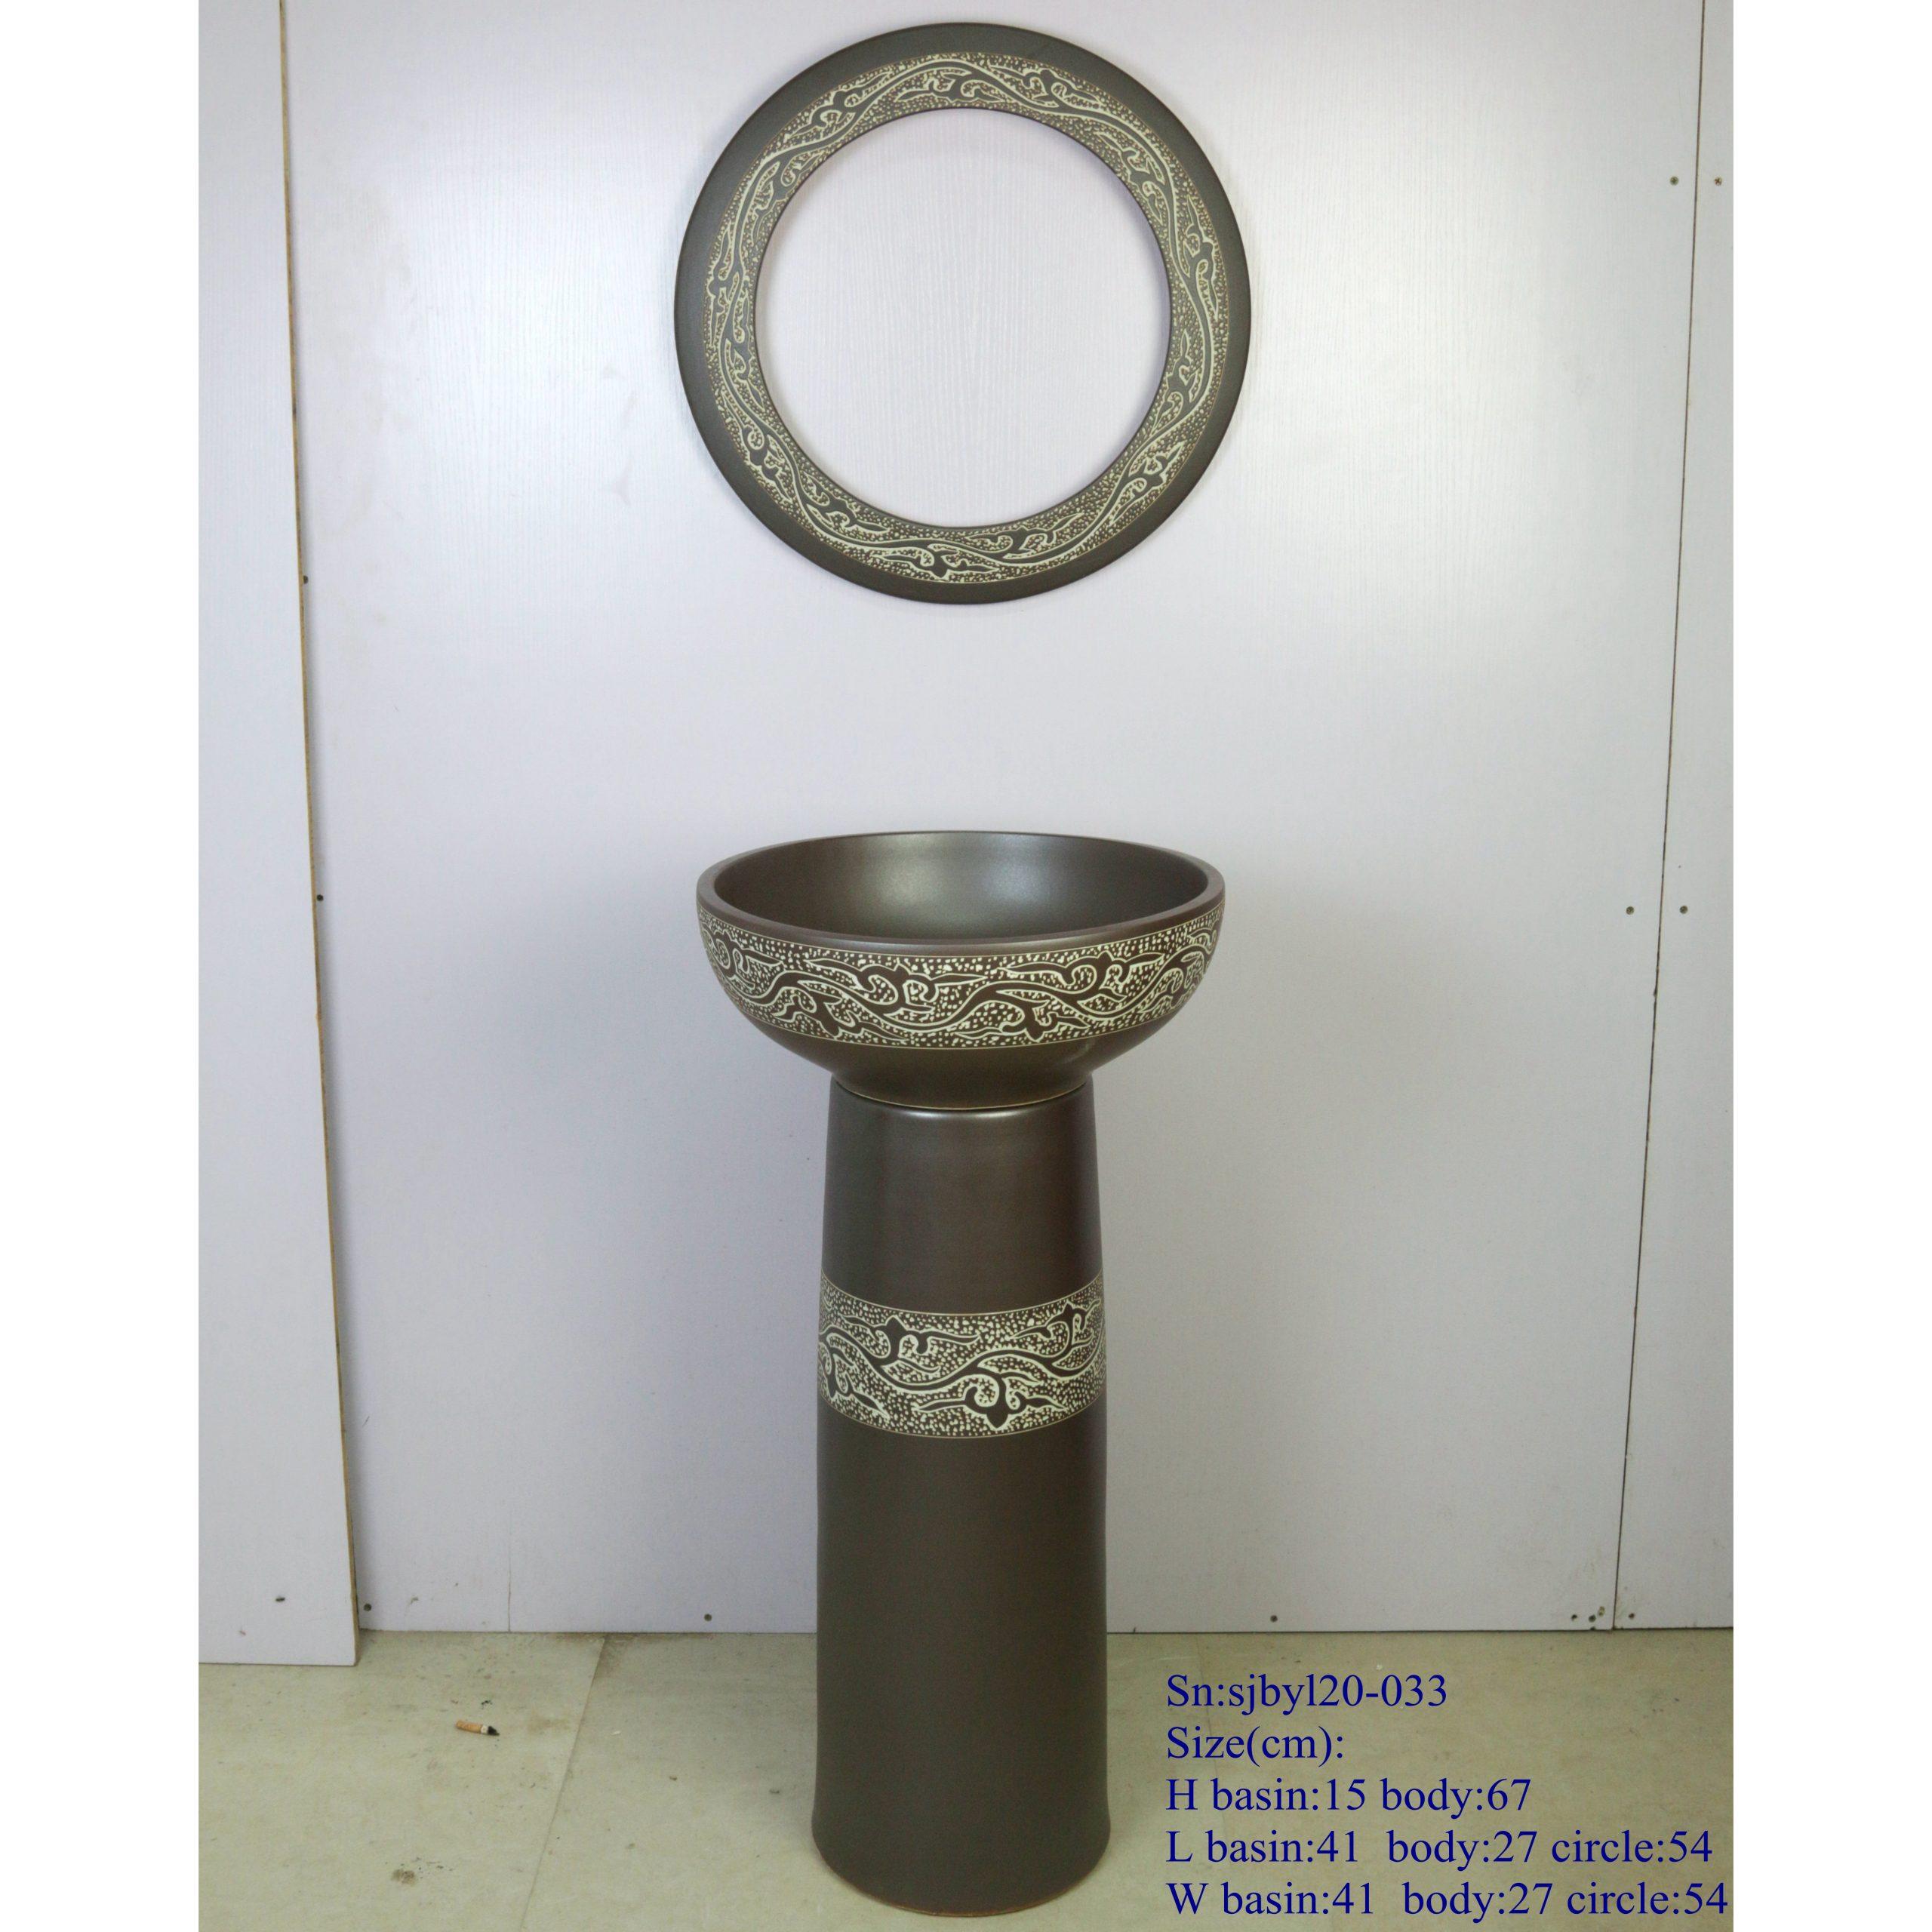 sjbyl120-033 Restaurant Nesting basin - Ga color of carve patterns porcelain pedestal sink